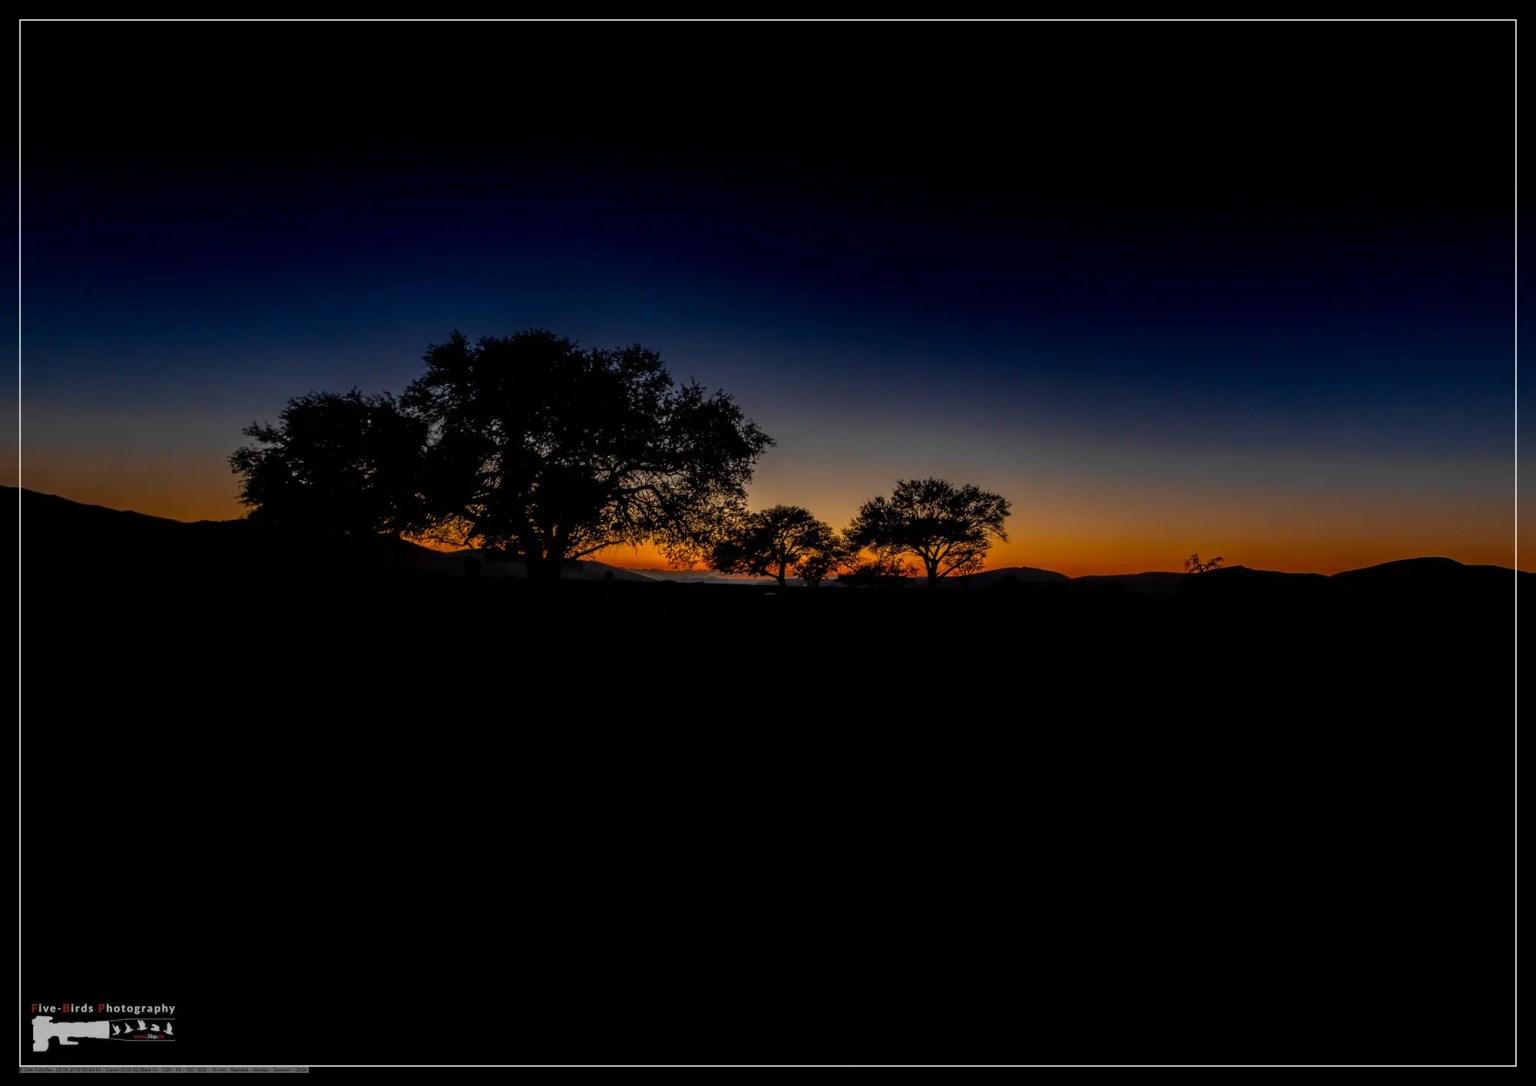 Sunset at the namib desert in Namibia